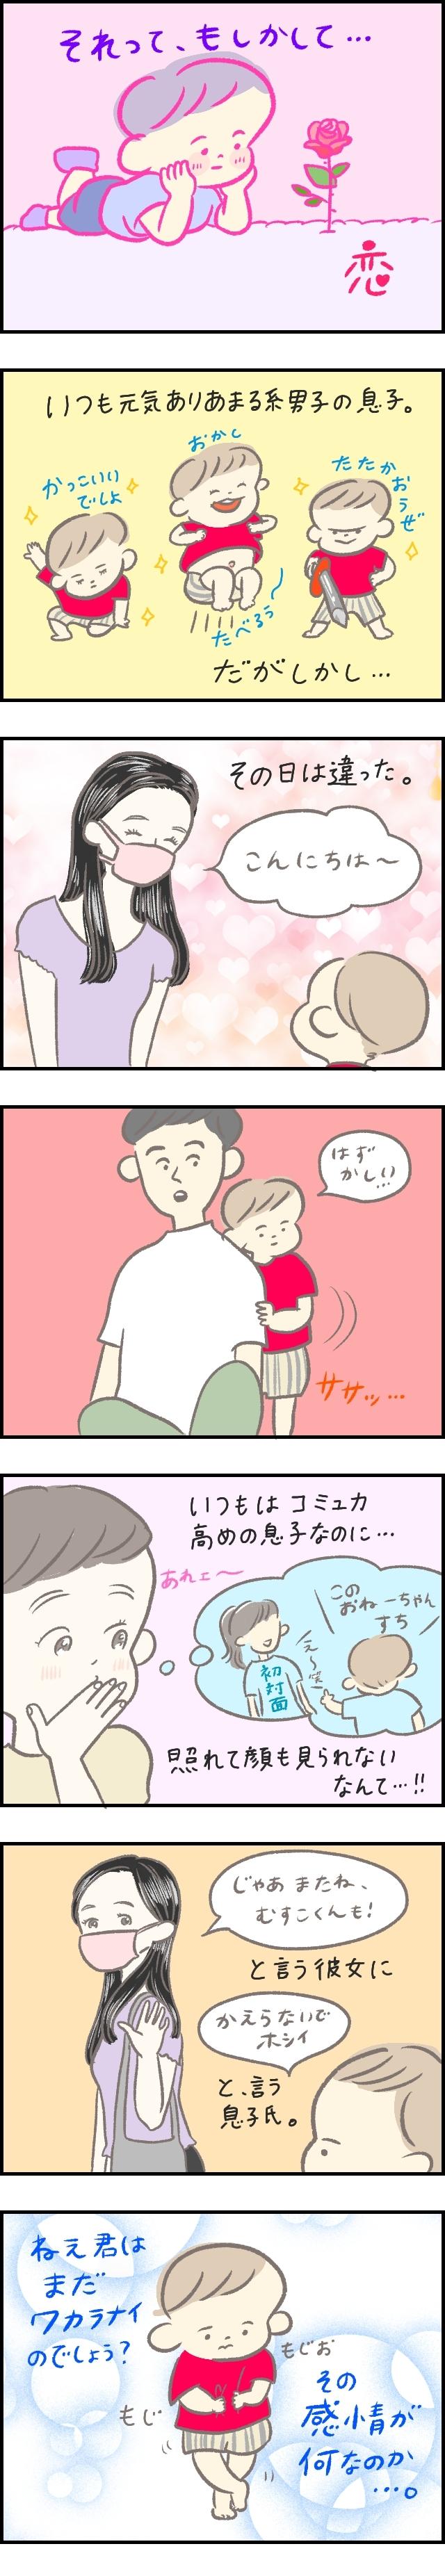 ちょ、ちょっと待って!息子!…それってもしかして「初恋」の画像1